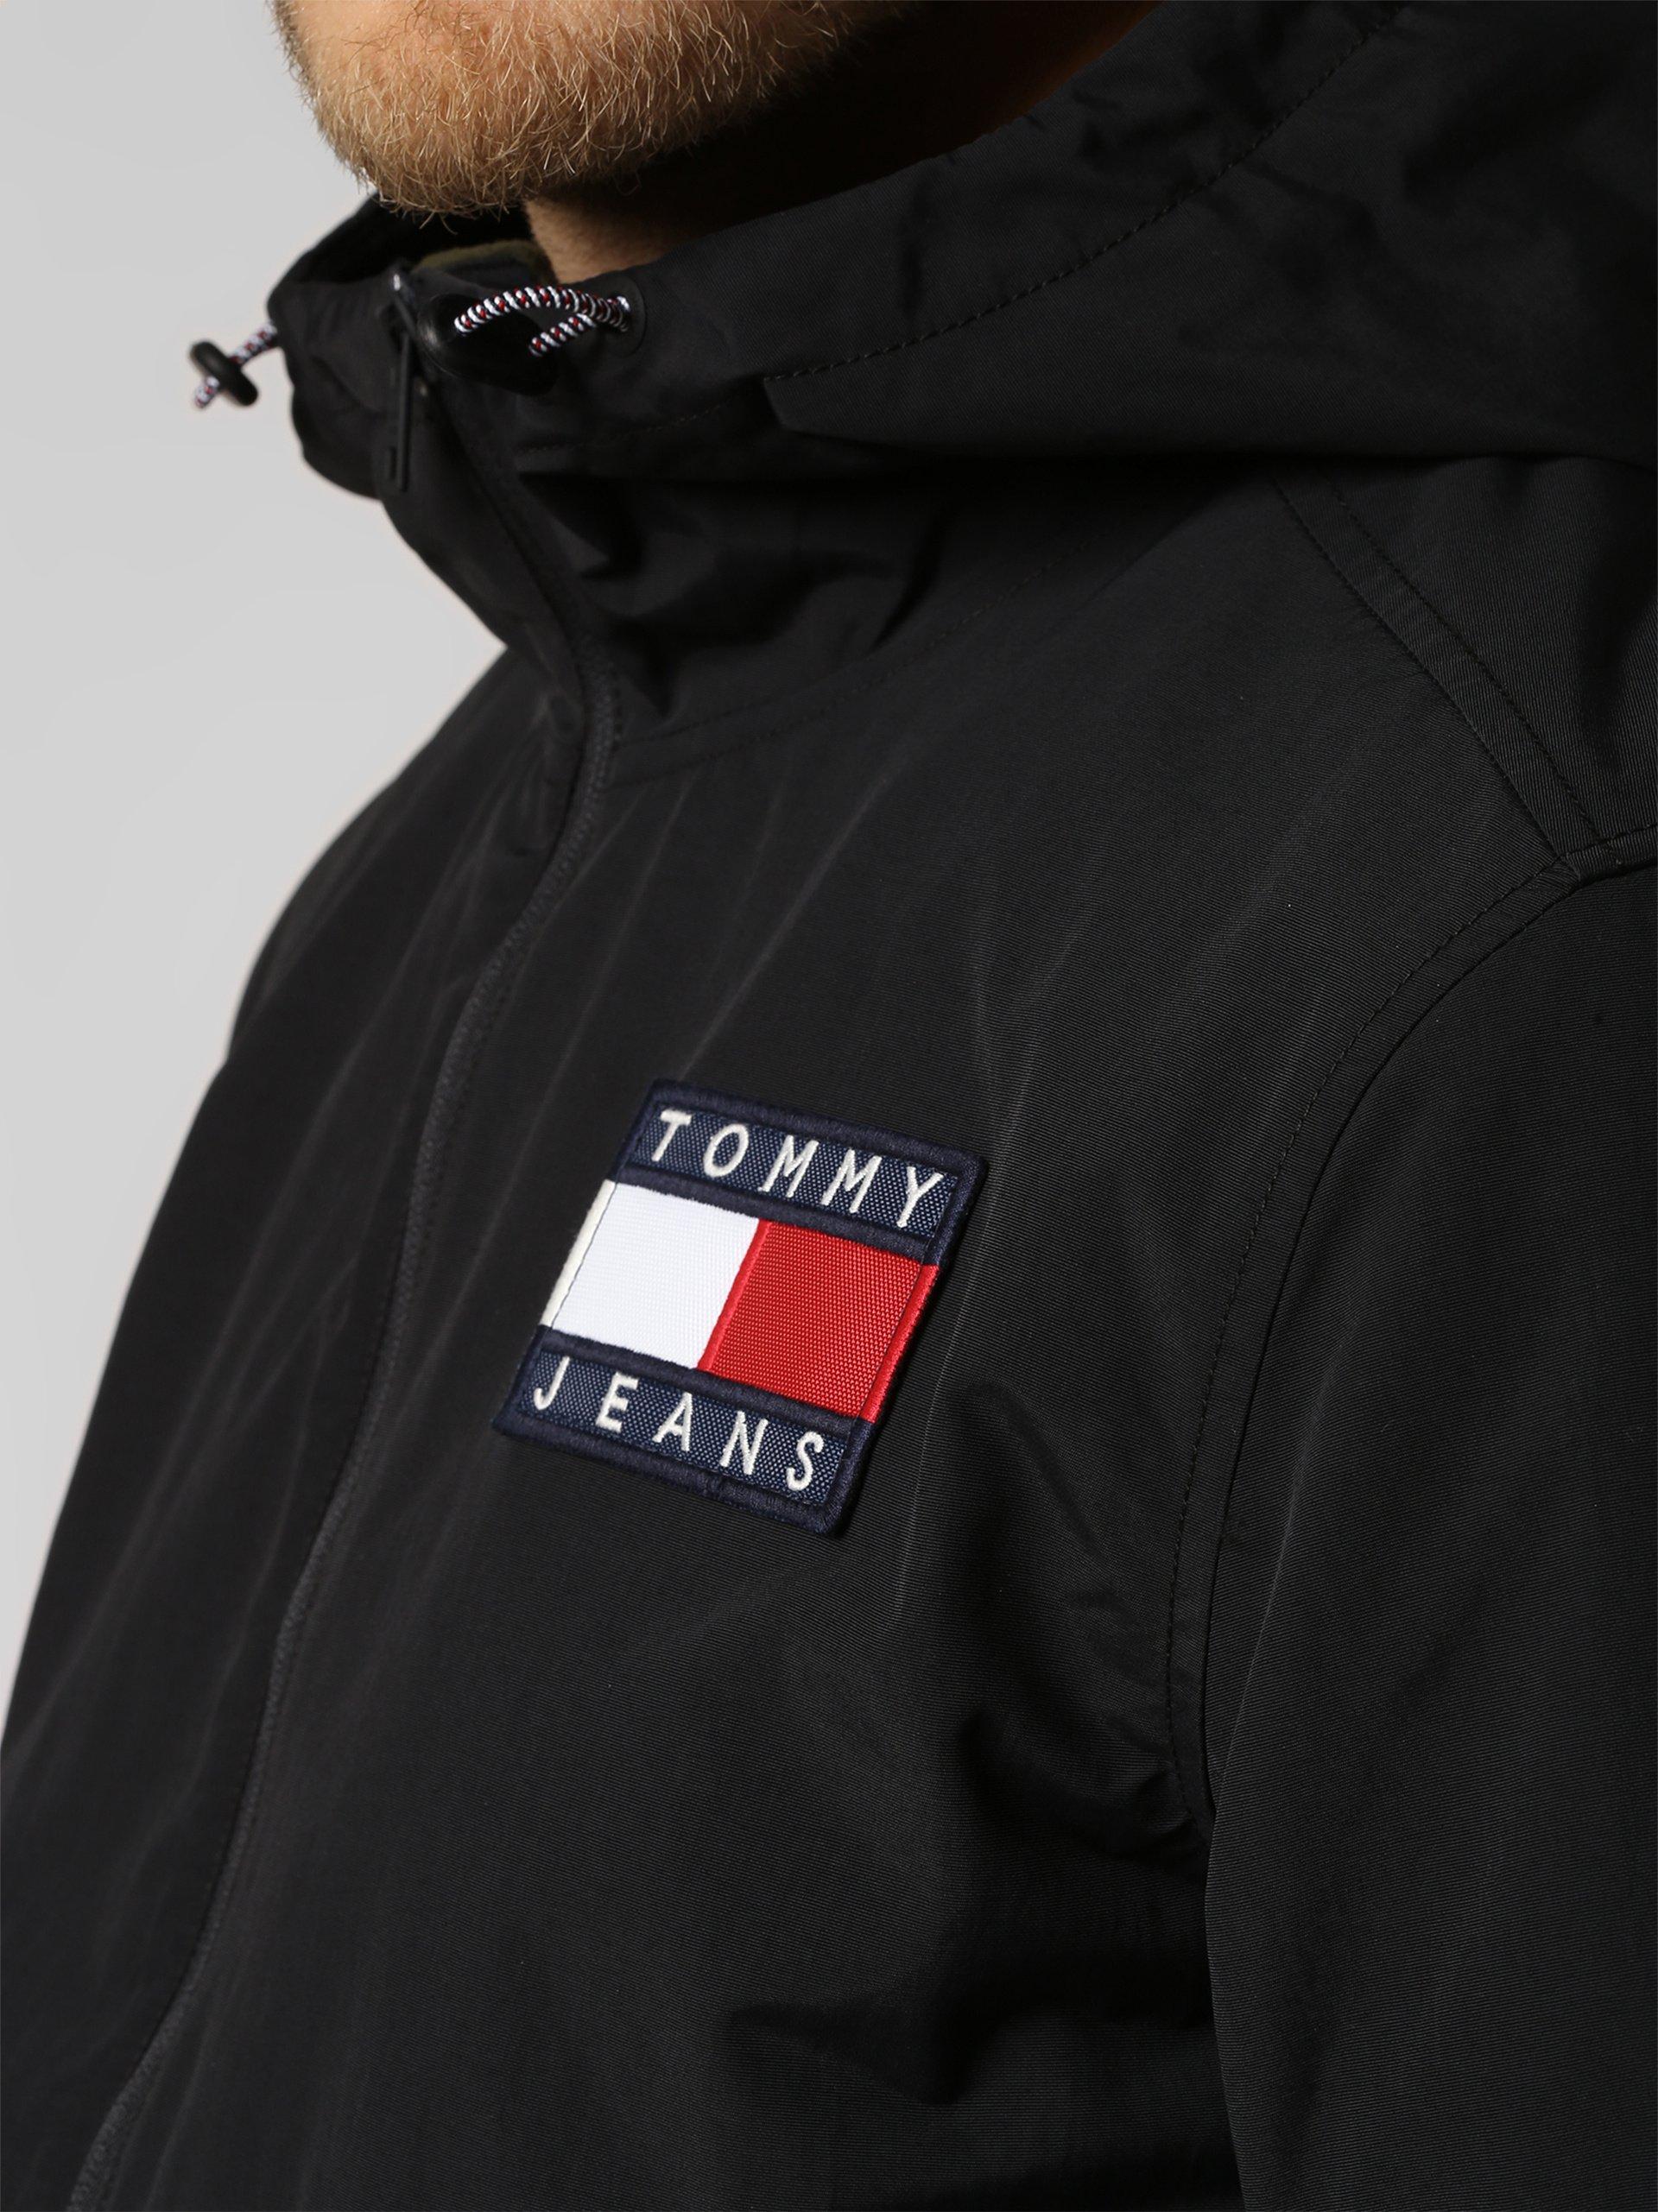 Tommy Jeans Herren Jacke